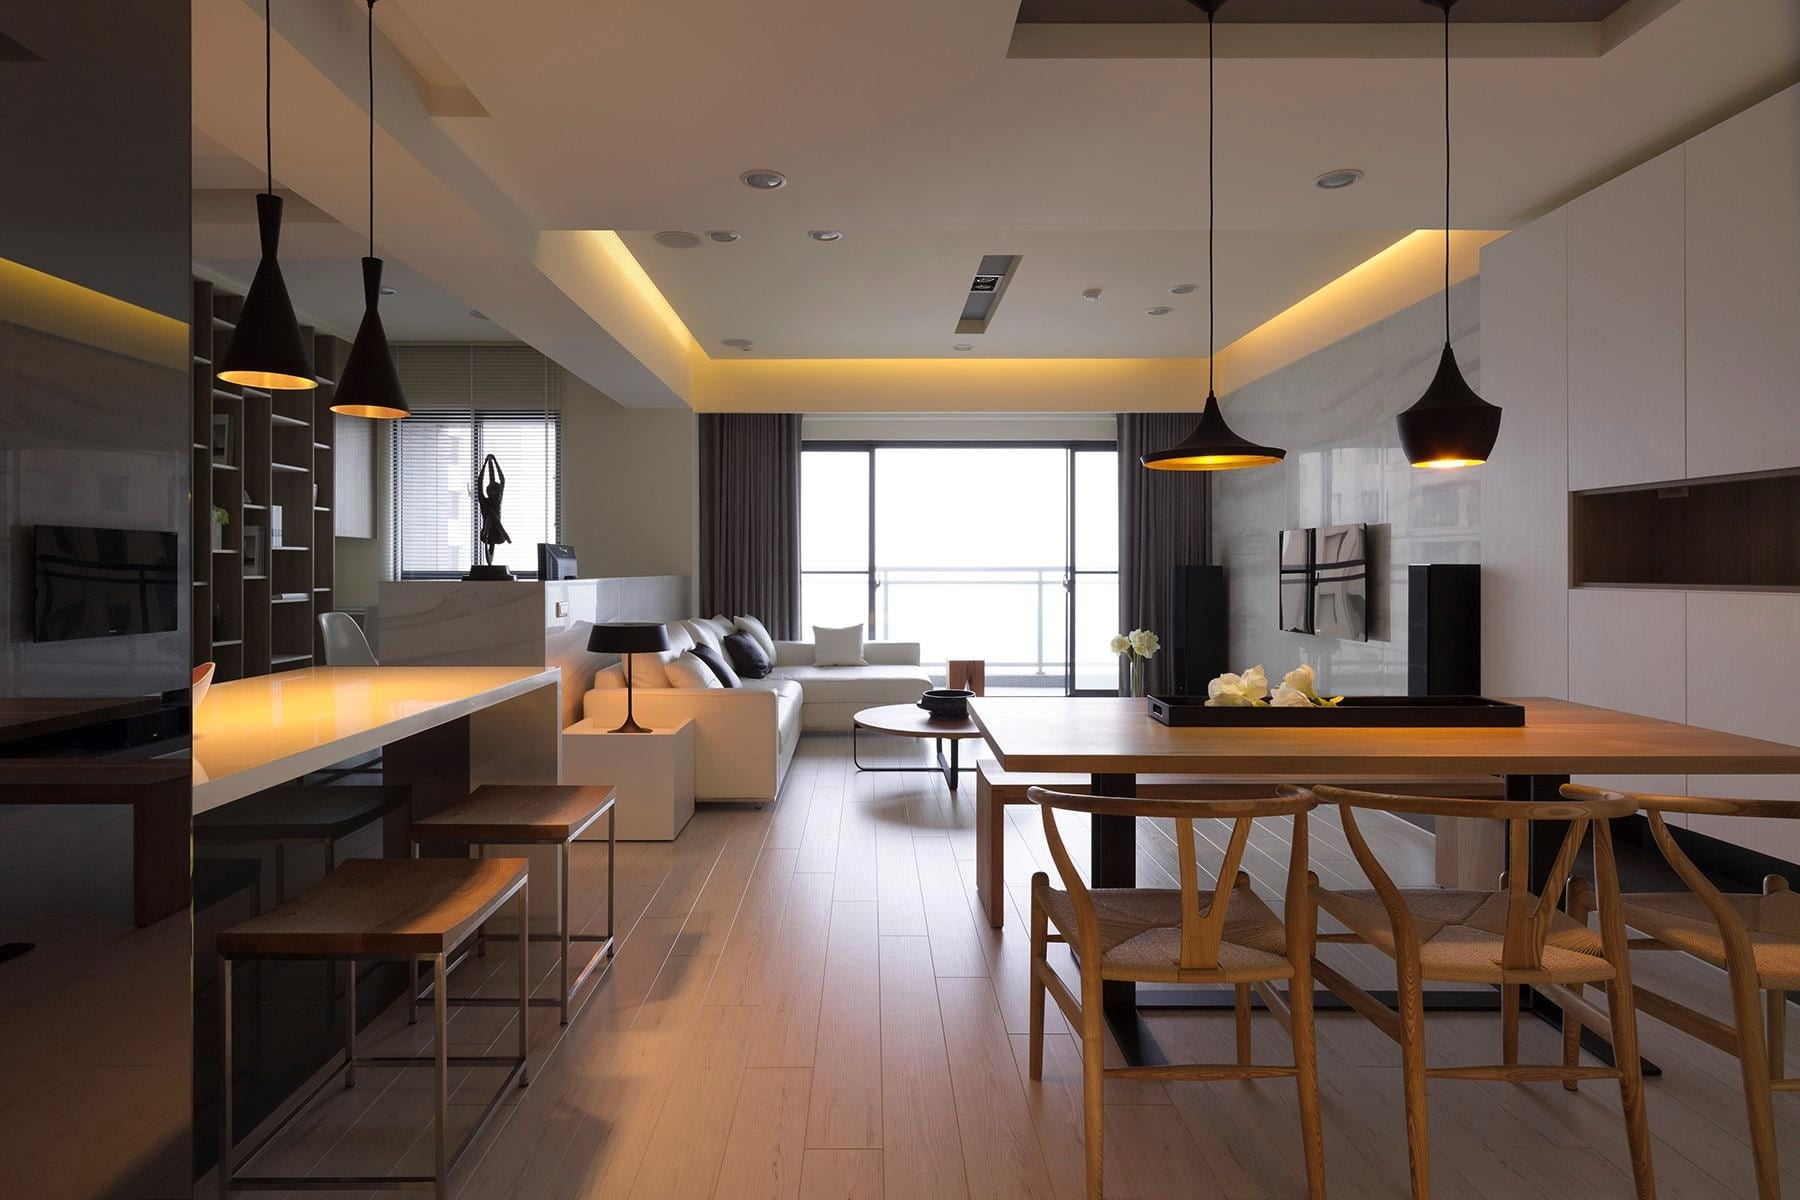 minimalistisches wohn esszimmer mit modernen pendelleuchten schwarz-ecksofa weiß-deckengestaltung mit indirekter beleuchtung